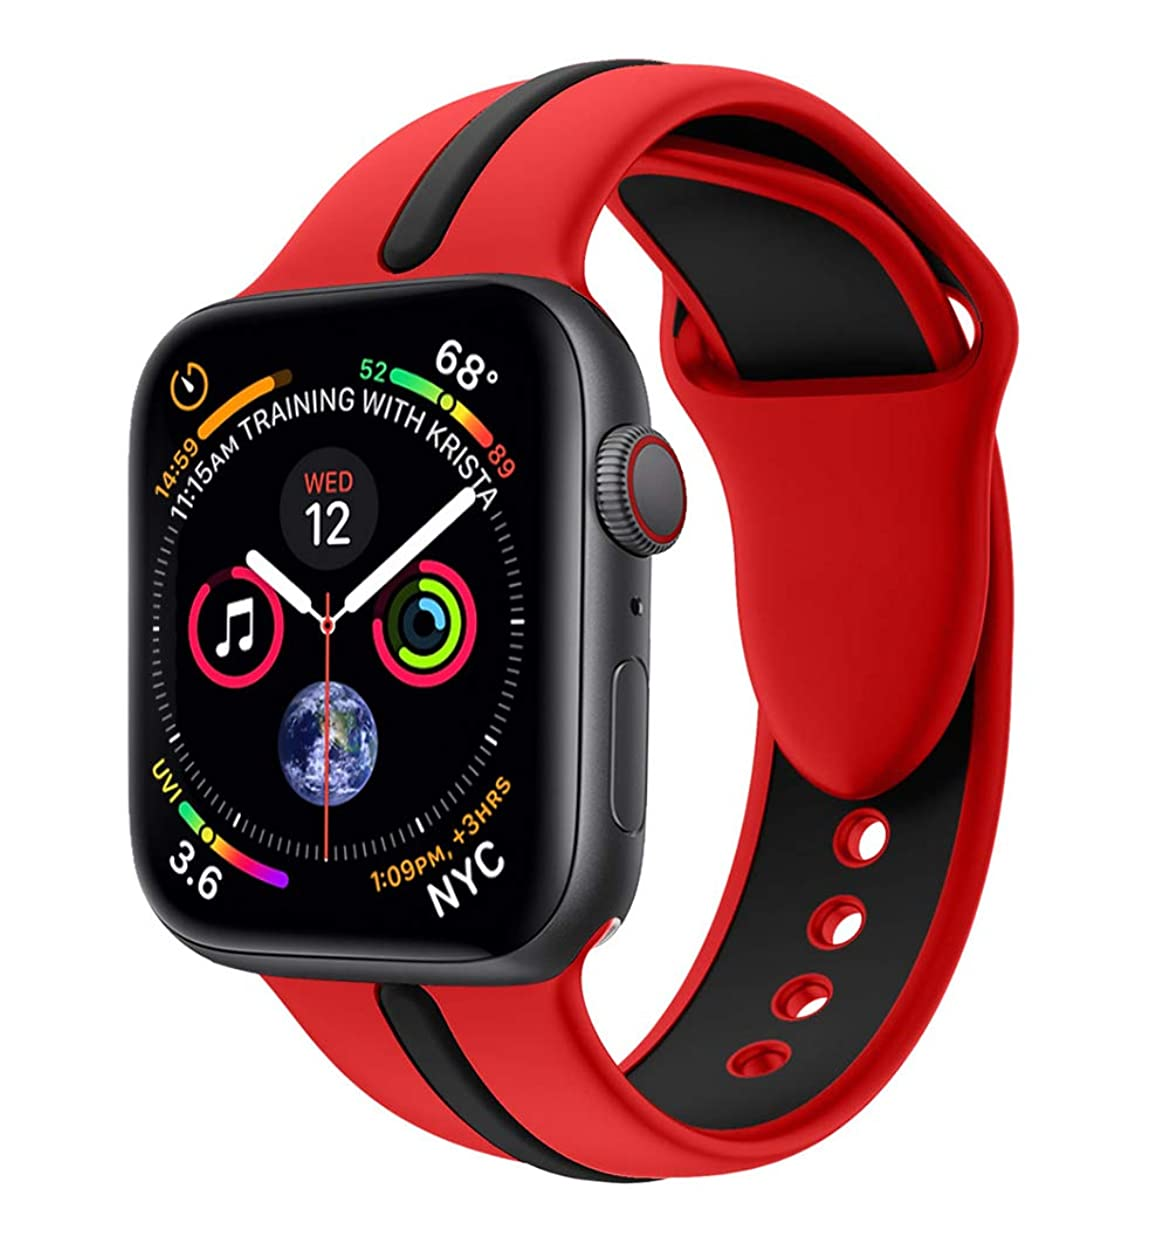 竜巻症状勝利Kartice for Apple Watch 5 /Apple Watch 4 バンド 44mm ソフトシリコンバンド スポーツバンド シリコンアダプター付き Apple Watch Series 5/4 (44mm,赤+黒)